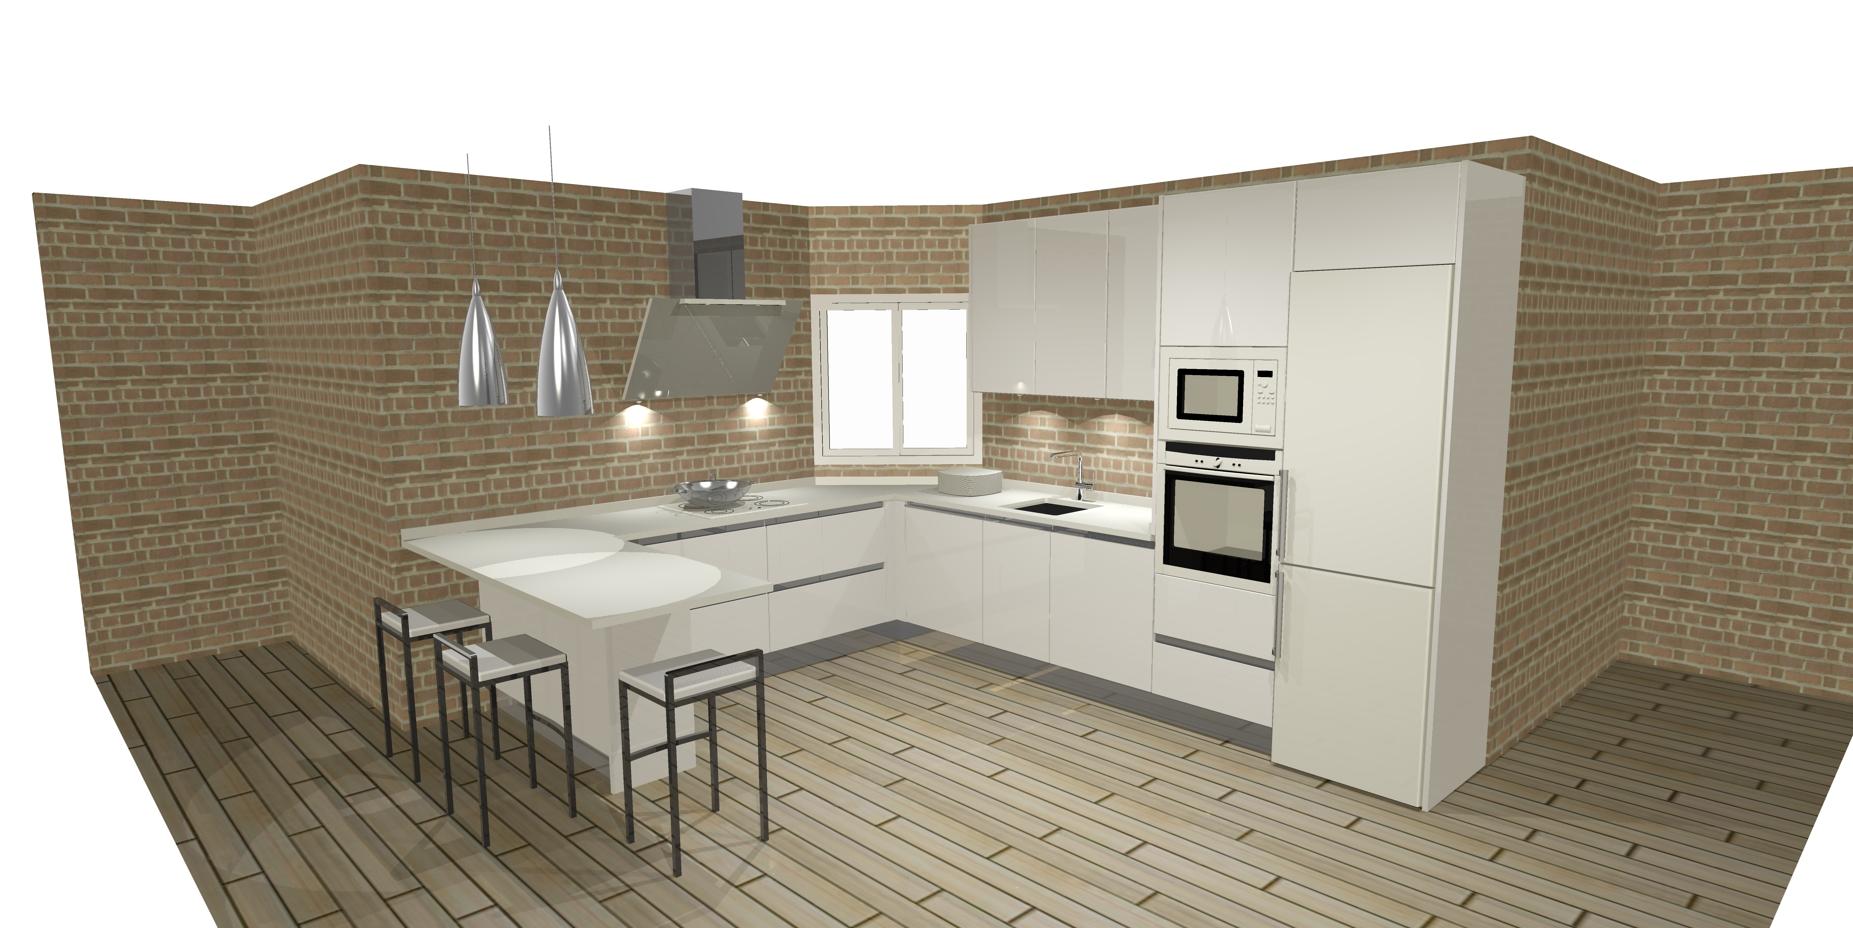 Dise os de cocinas con pen nsula cocinas artnova sevilla for Disenos de cocinas en l